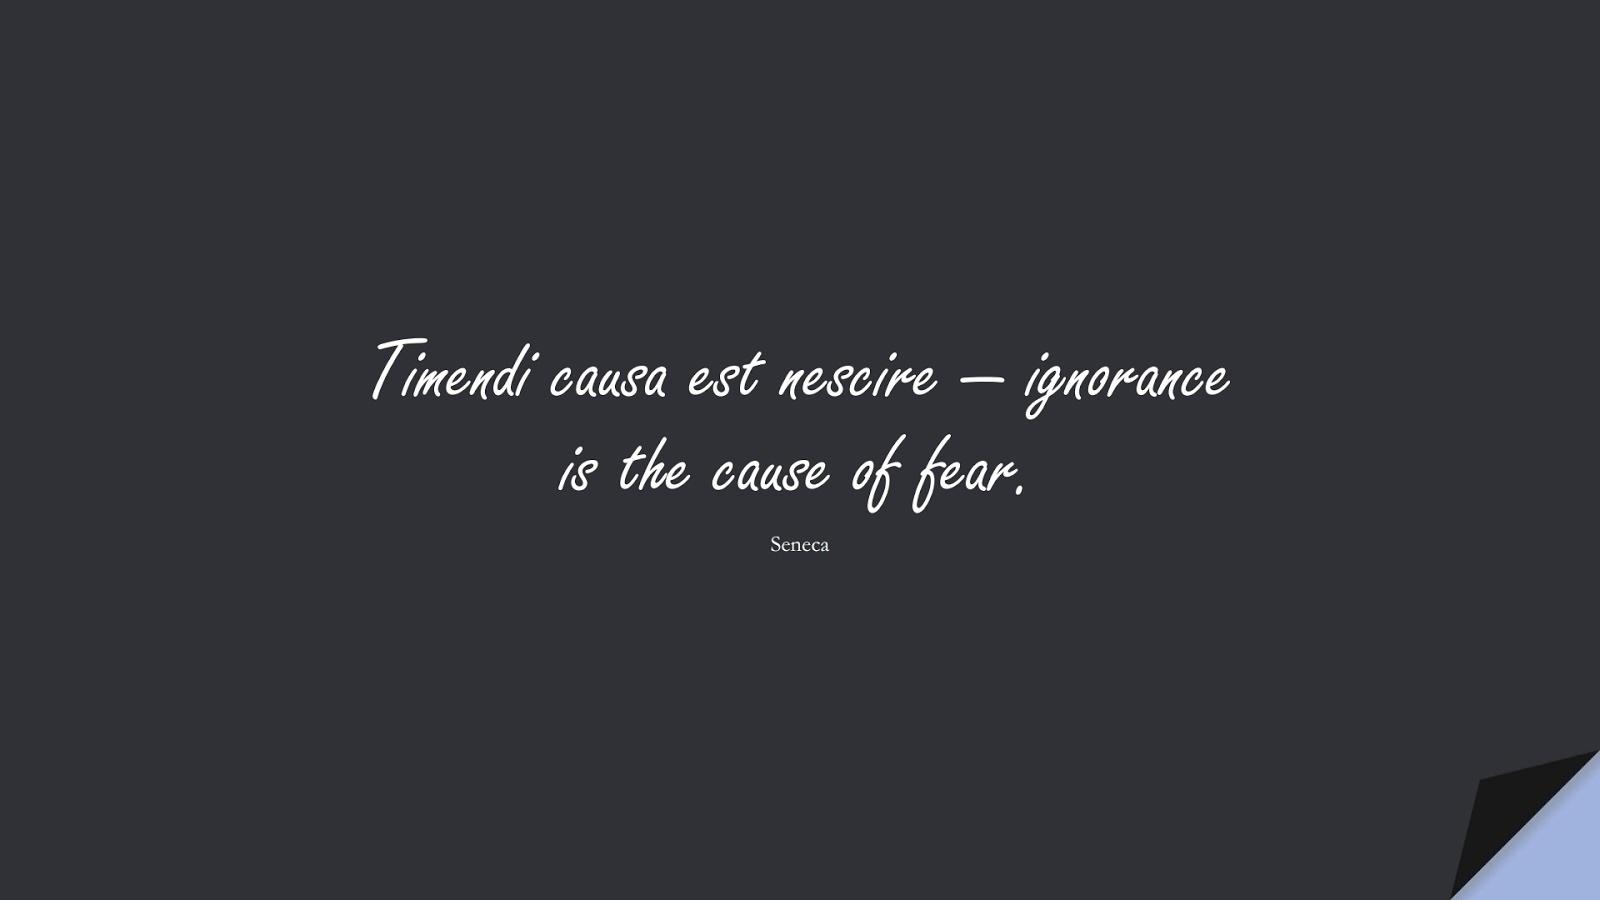 Timendi causa est nescire — ignorance is the cause of fear. (Seneca);  #StoicQuotes